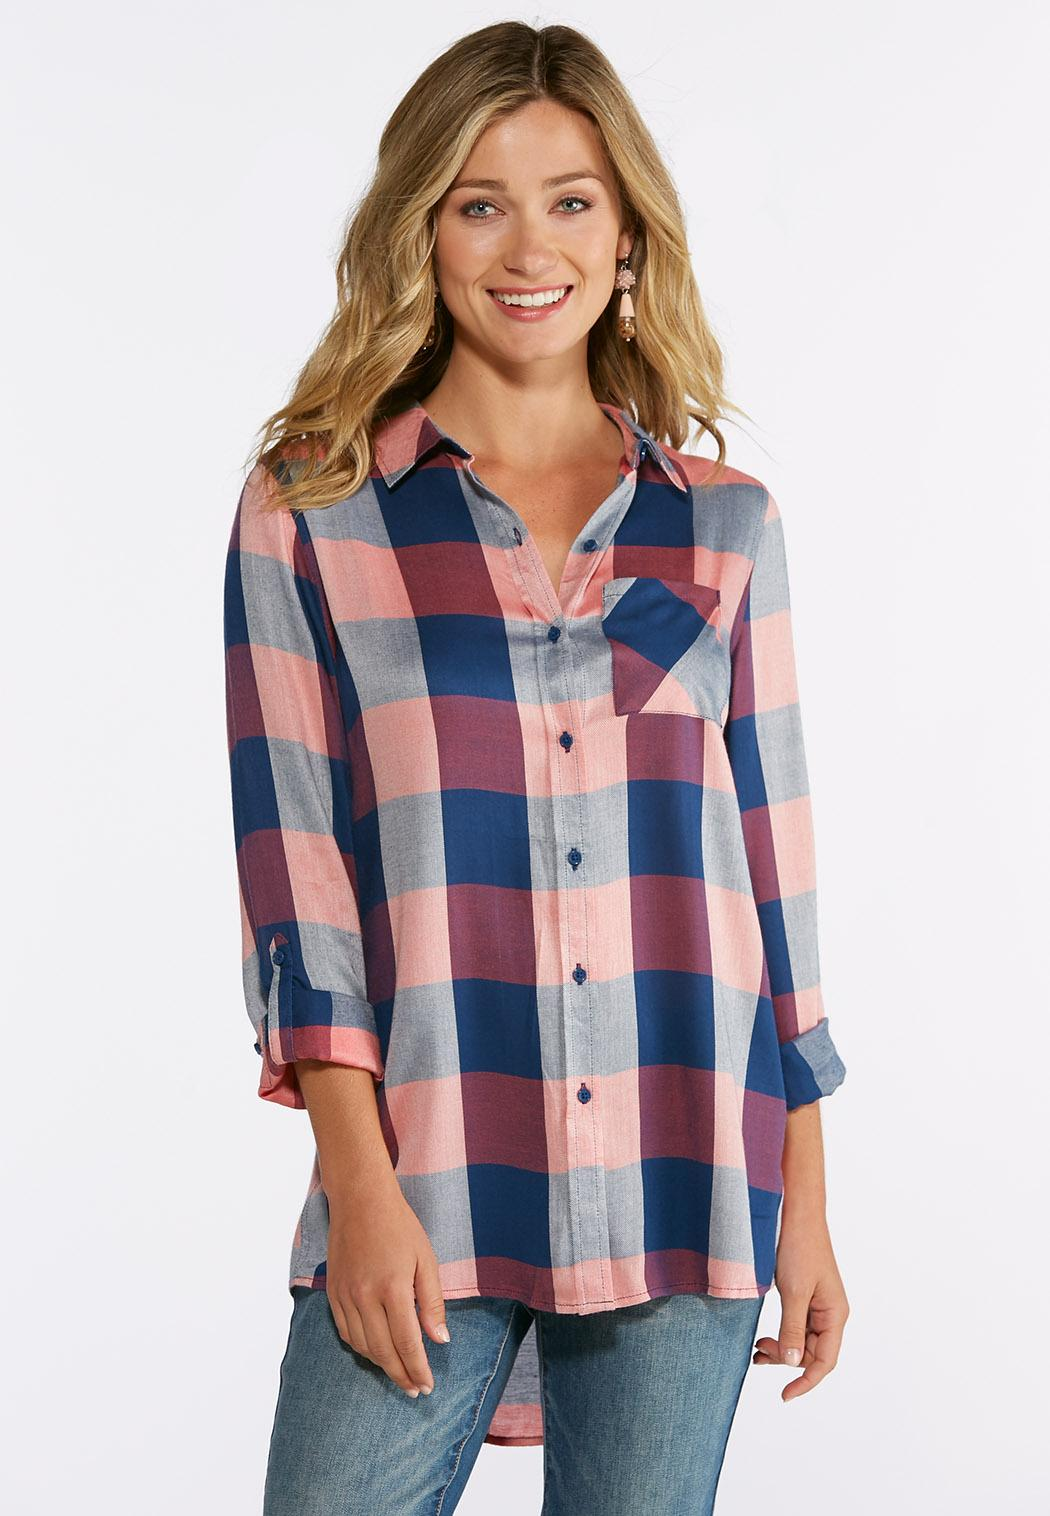 902594059c0ed Plus Size Mauve Plaid Shirt Shirts   Blouses Cato Fashions